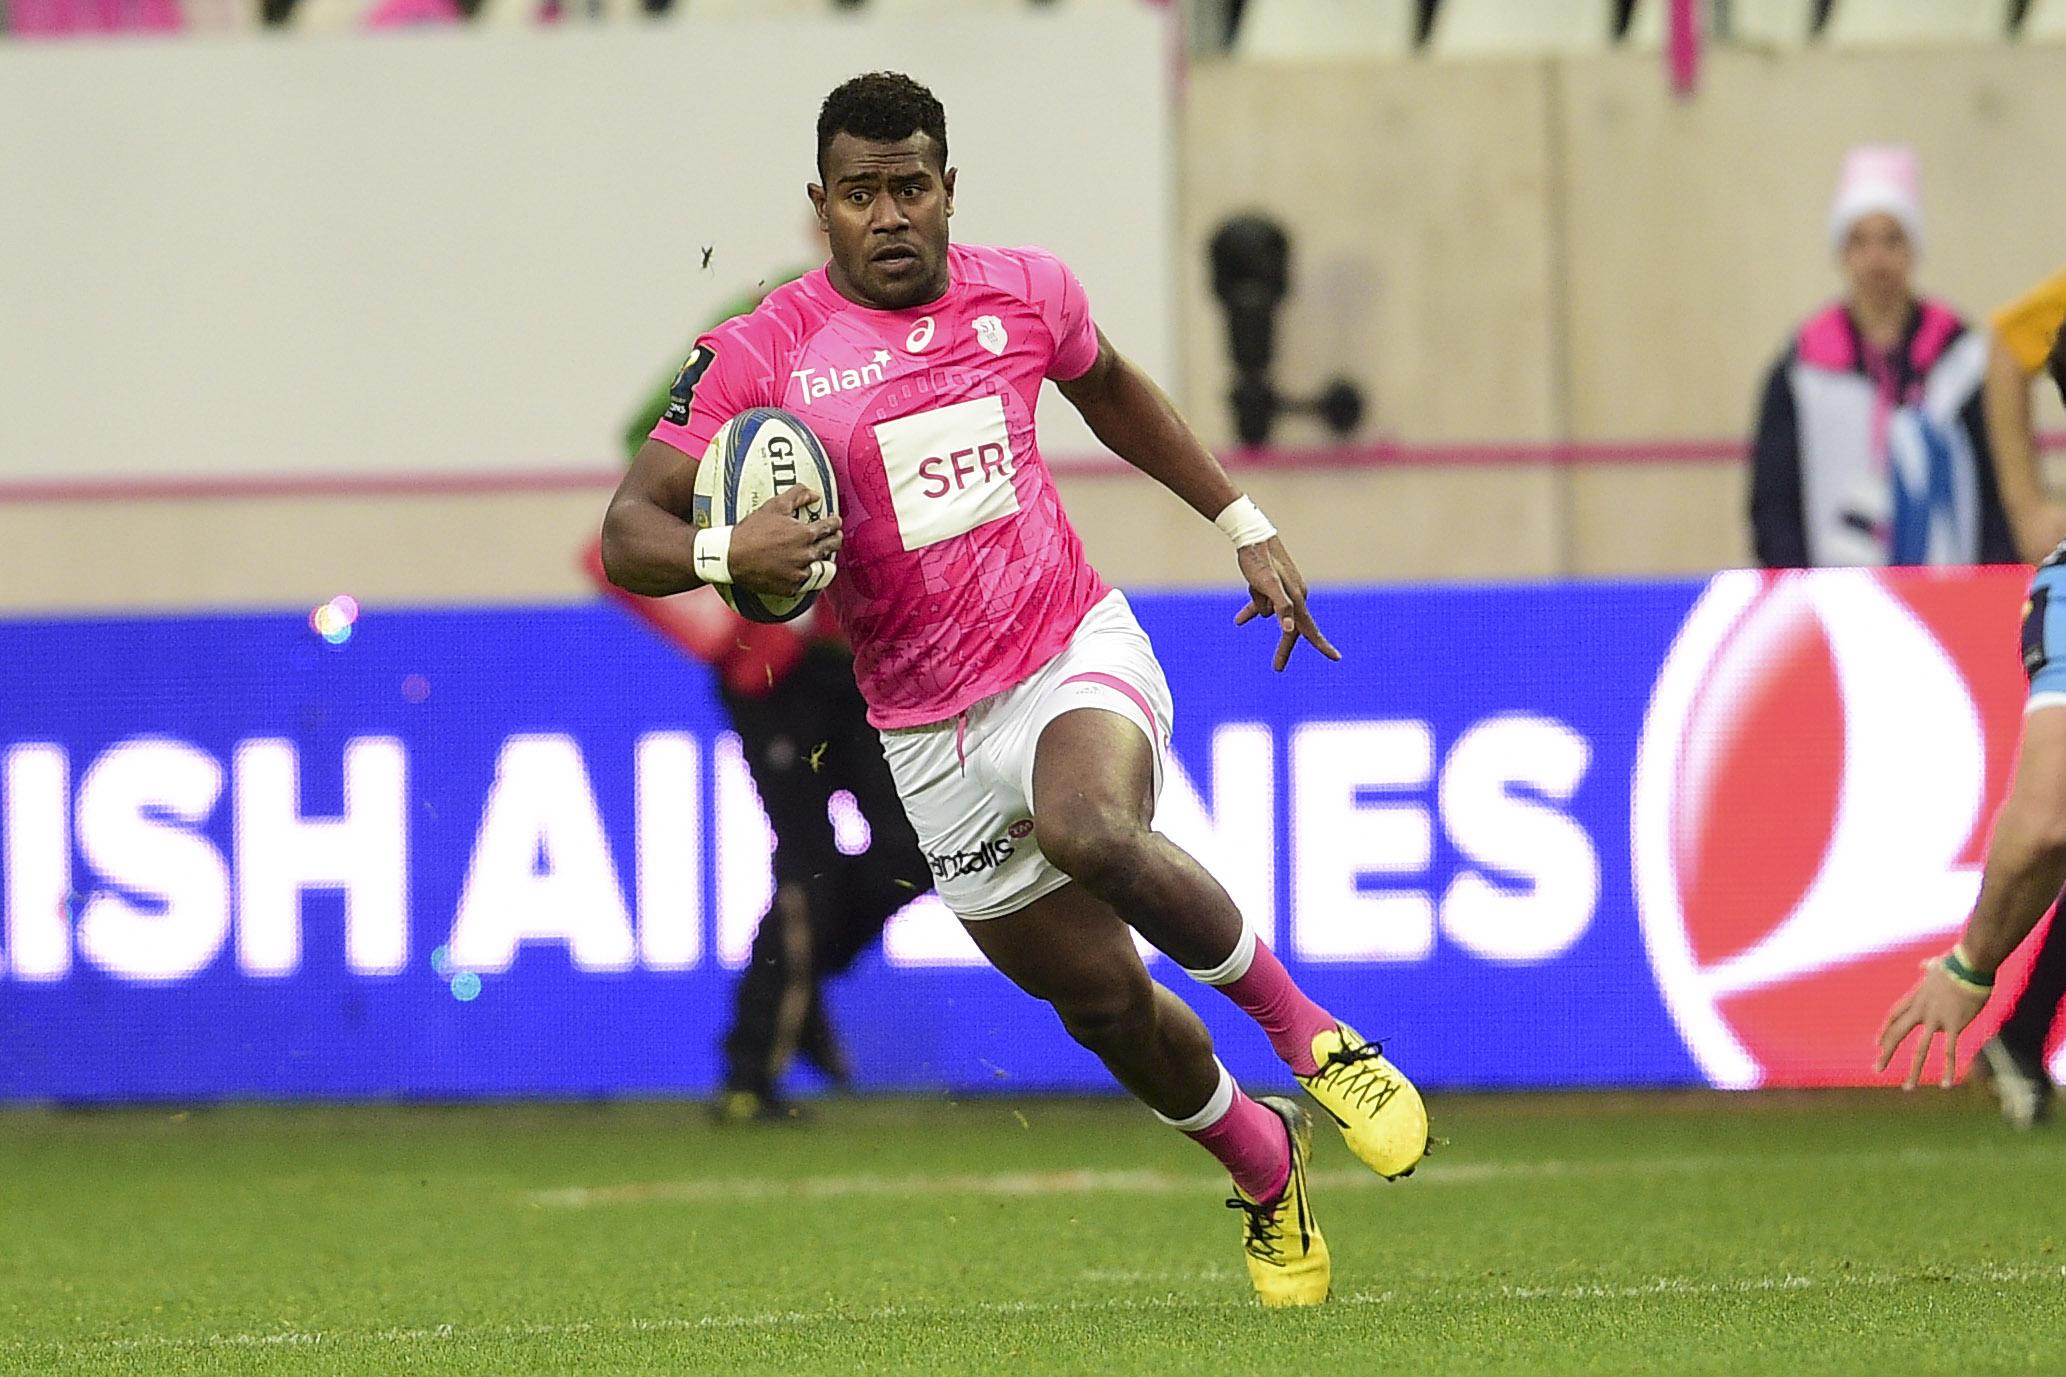 Rugby - Top 14 - Stade Français: Raisuqe et Nayacalevu mis à pied